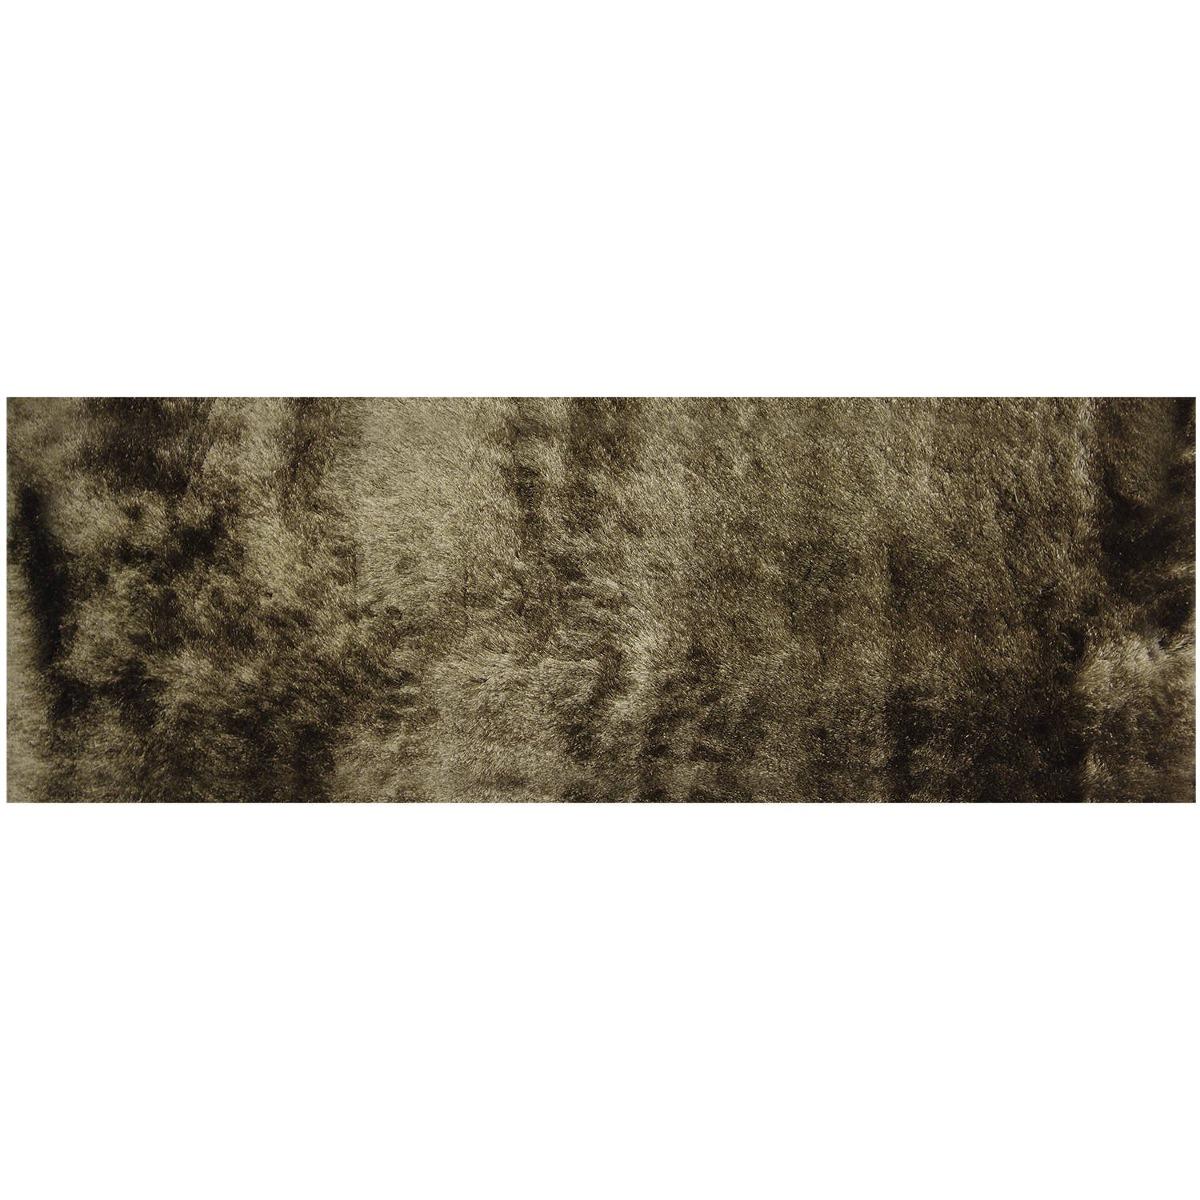 Tapete Cl Ssico Liso Silk Shaggy Niazitex 60cm X Dbwt R 191 90 Em  -> Tapete Niazitex